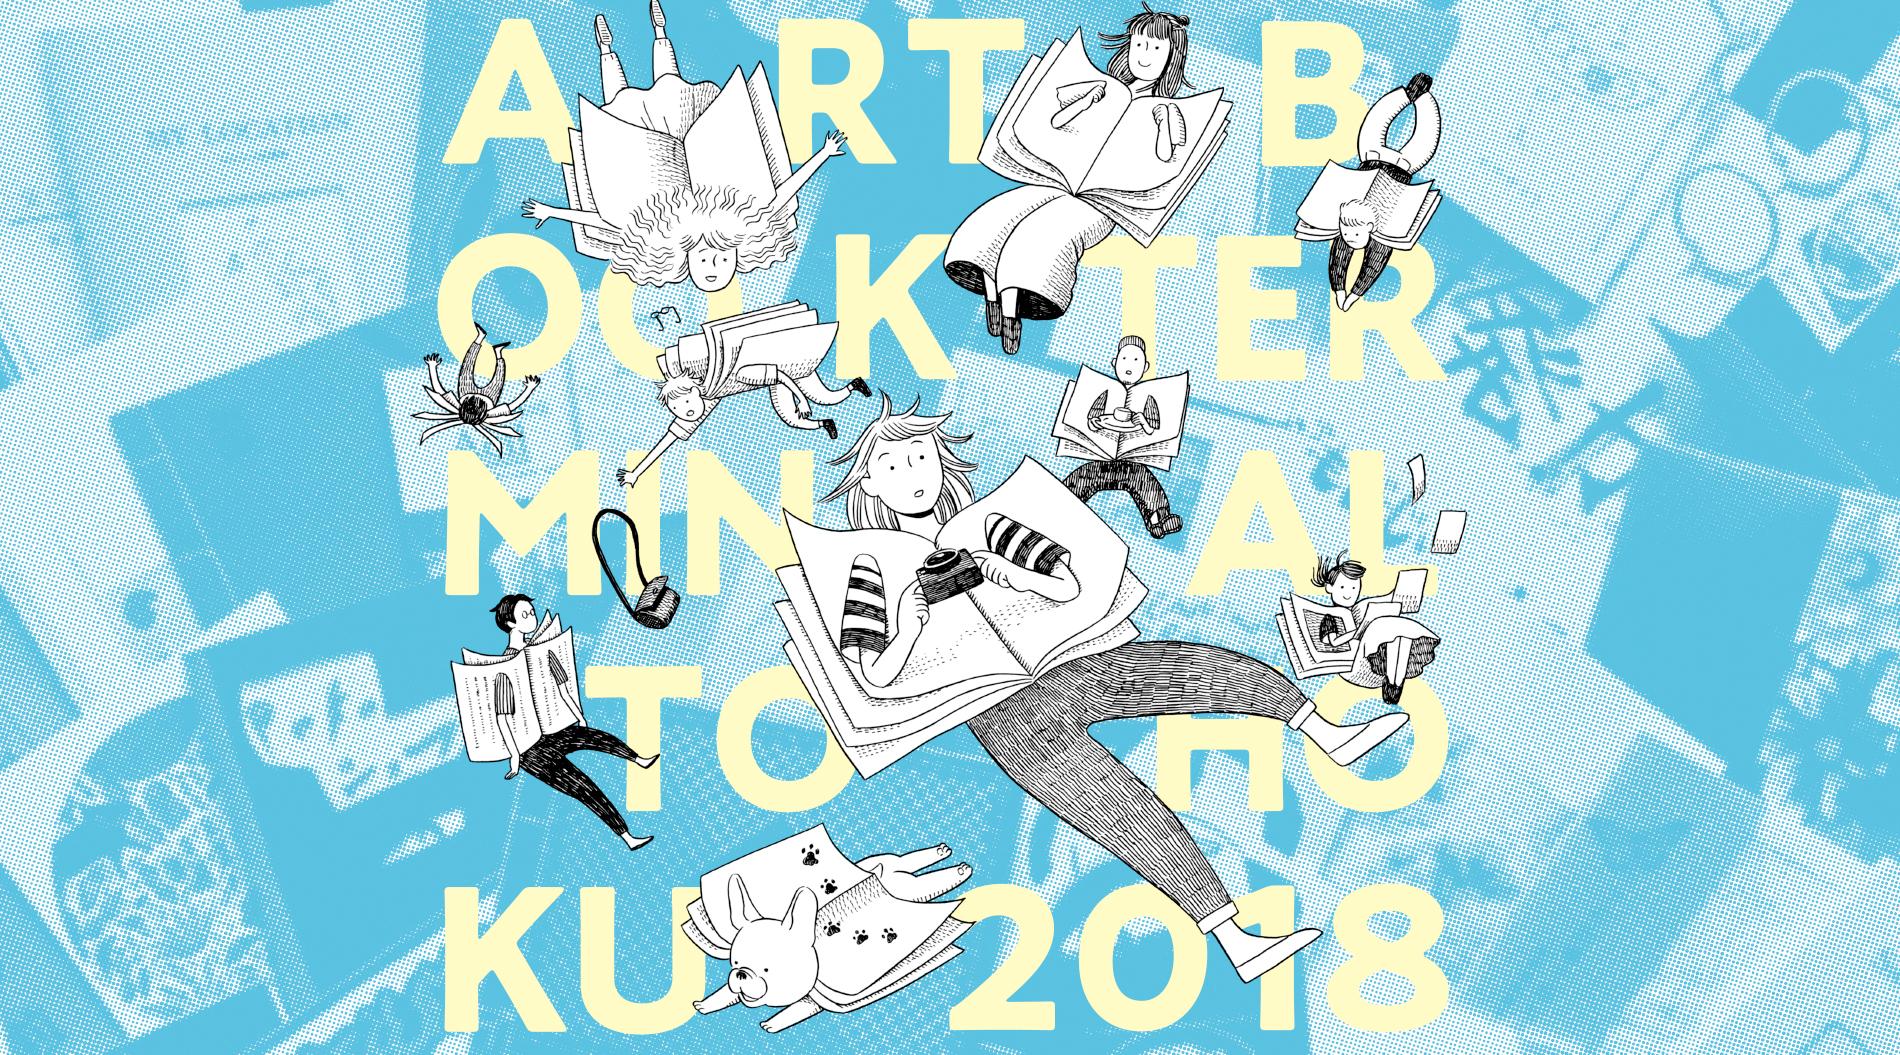 ART BOOK TERMINAL TOHOKU 2018